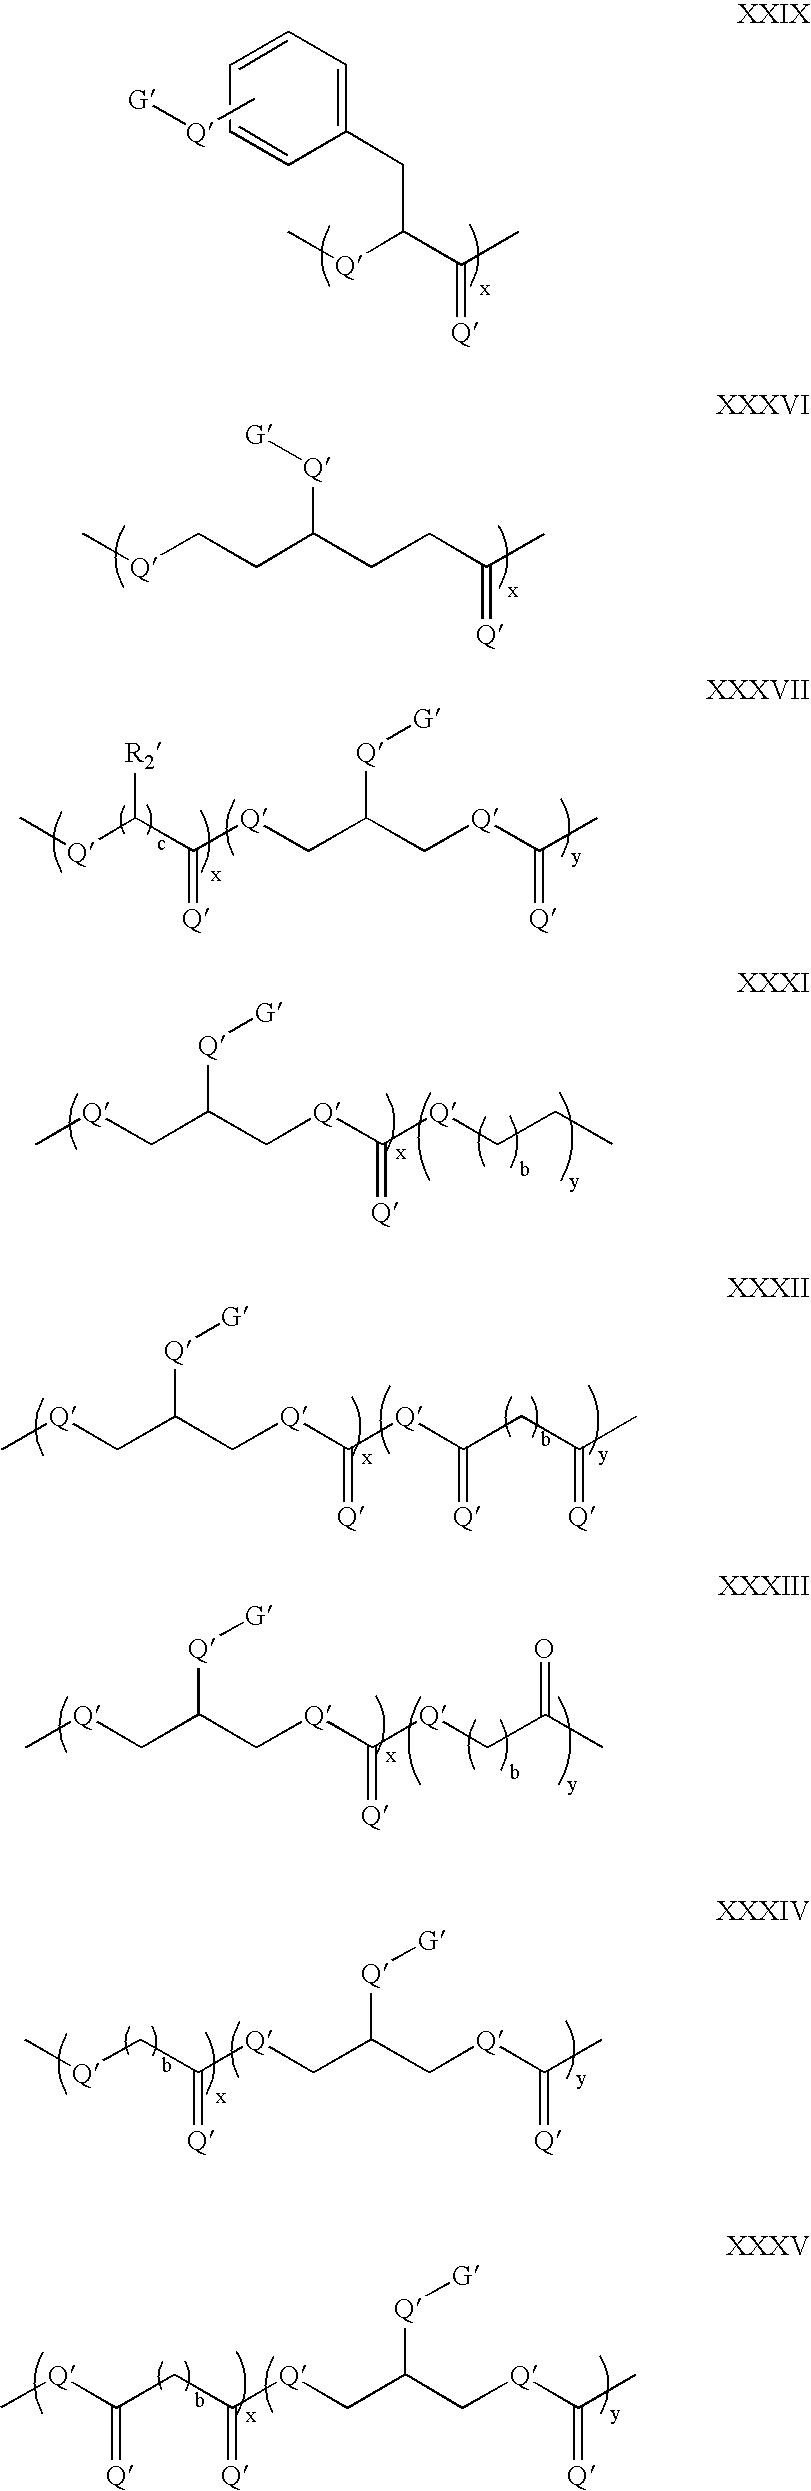 Figure US07671095-20100302-C00006